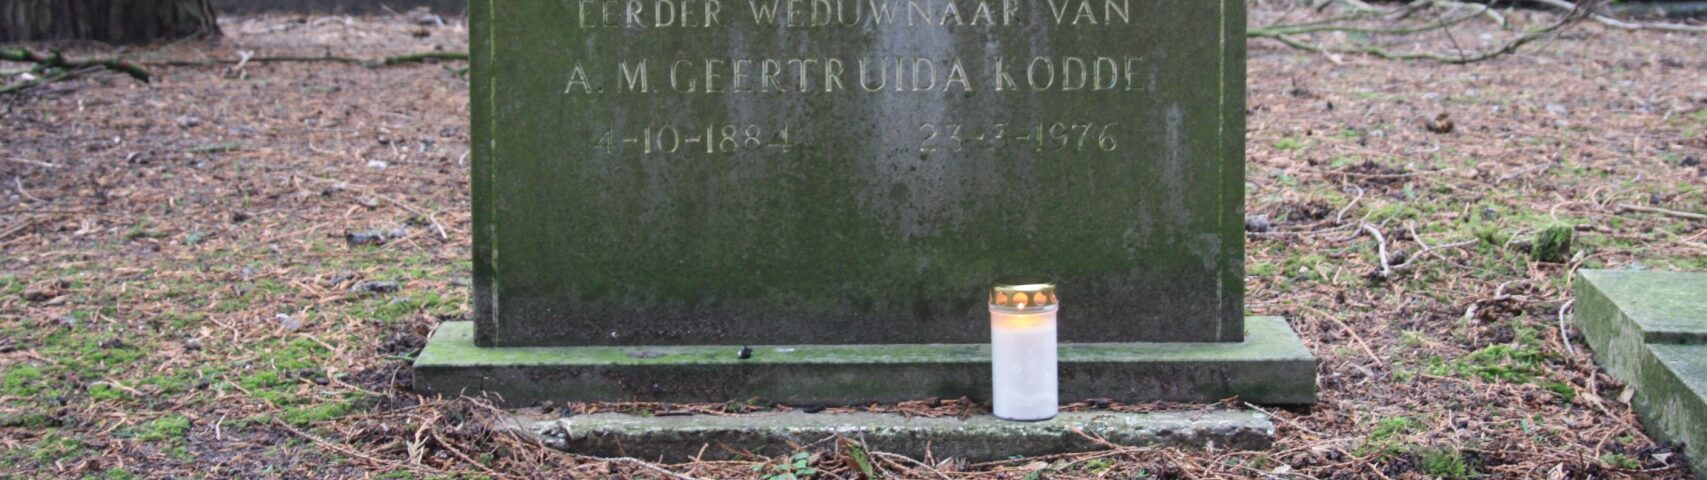 In de voetsporen van mijn overgrootmoeder Anna Maria Geertruida Kodde – Marjolein schrijft over …